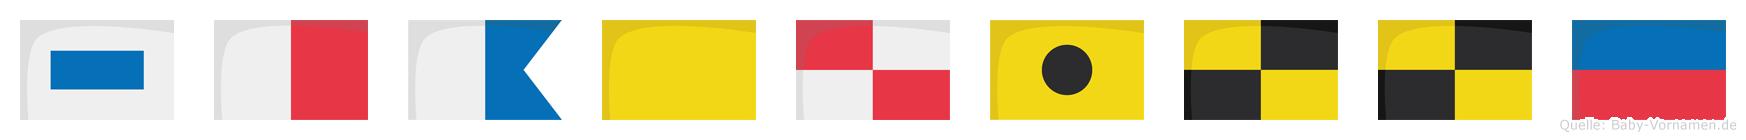 Shaquille im Flaggenalphabet